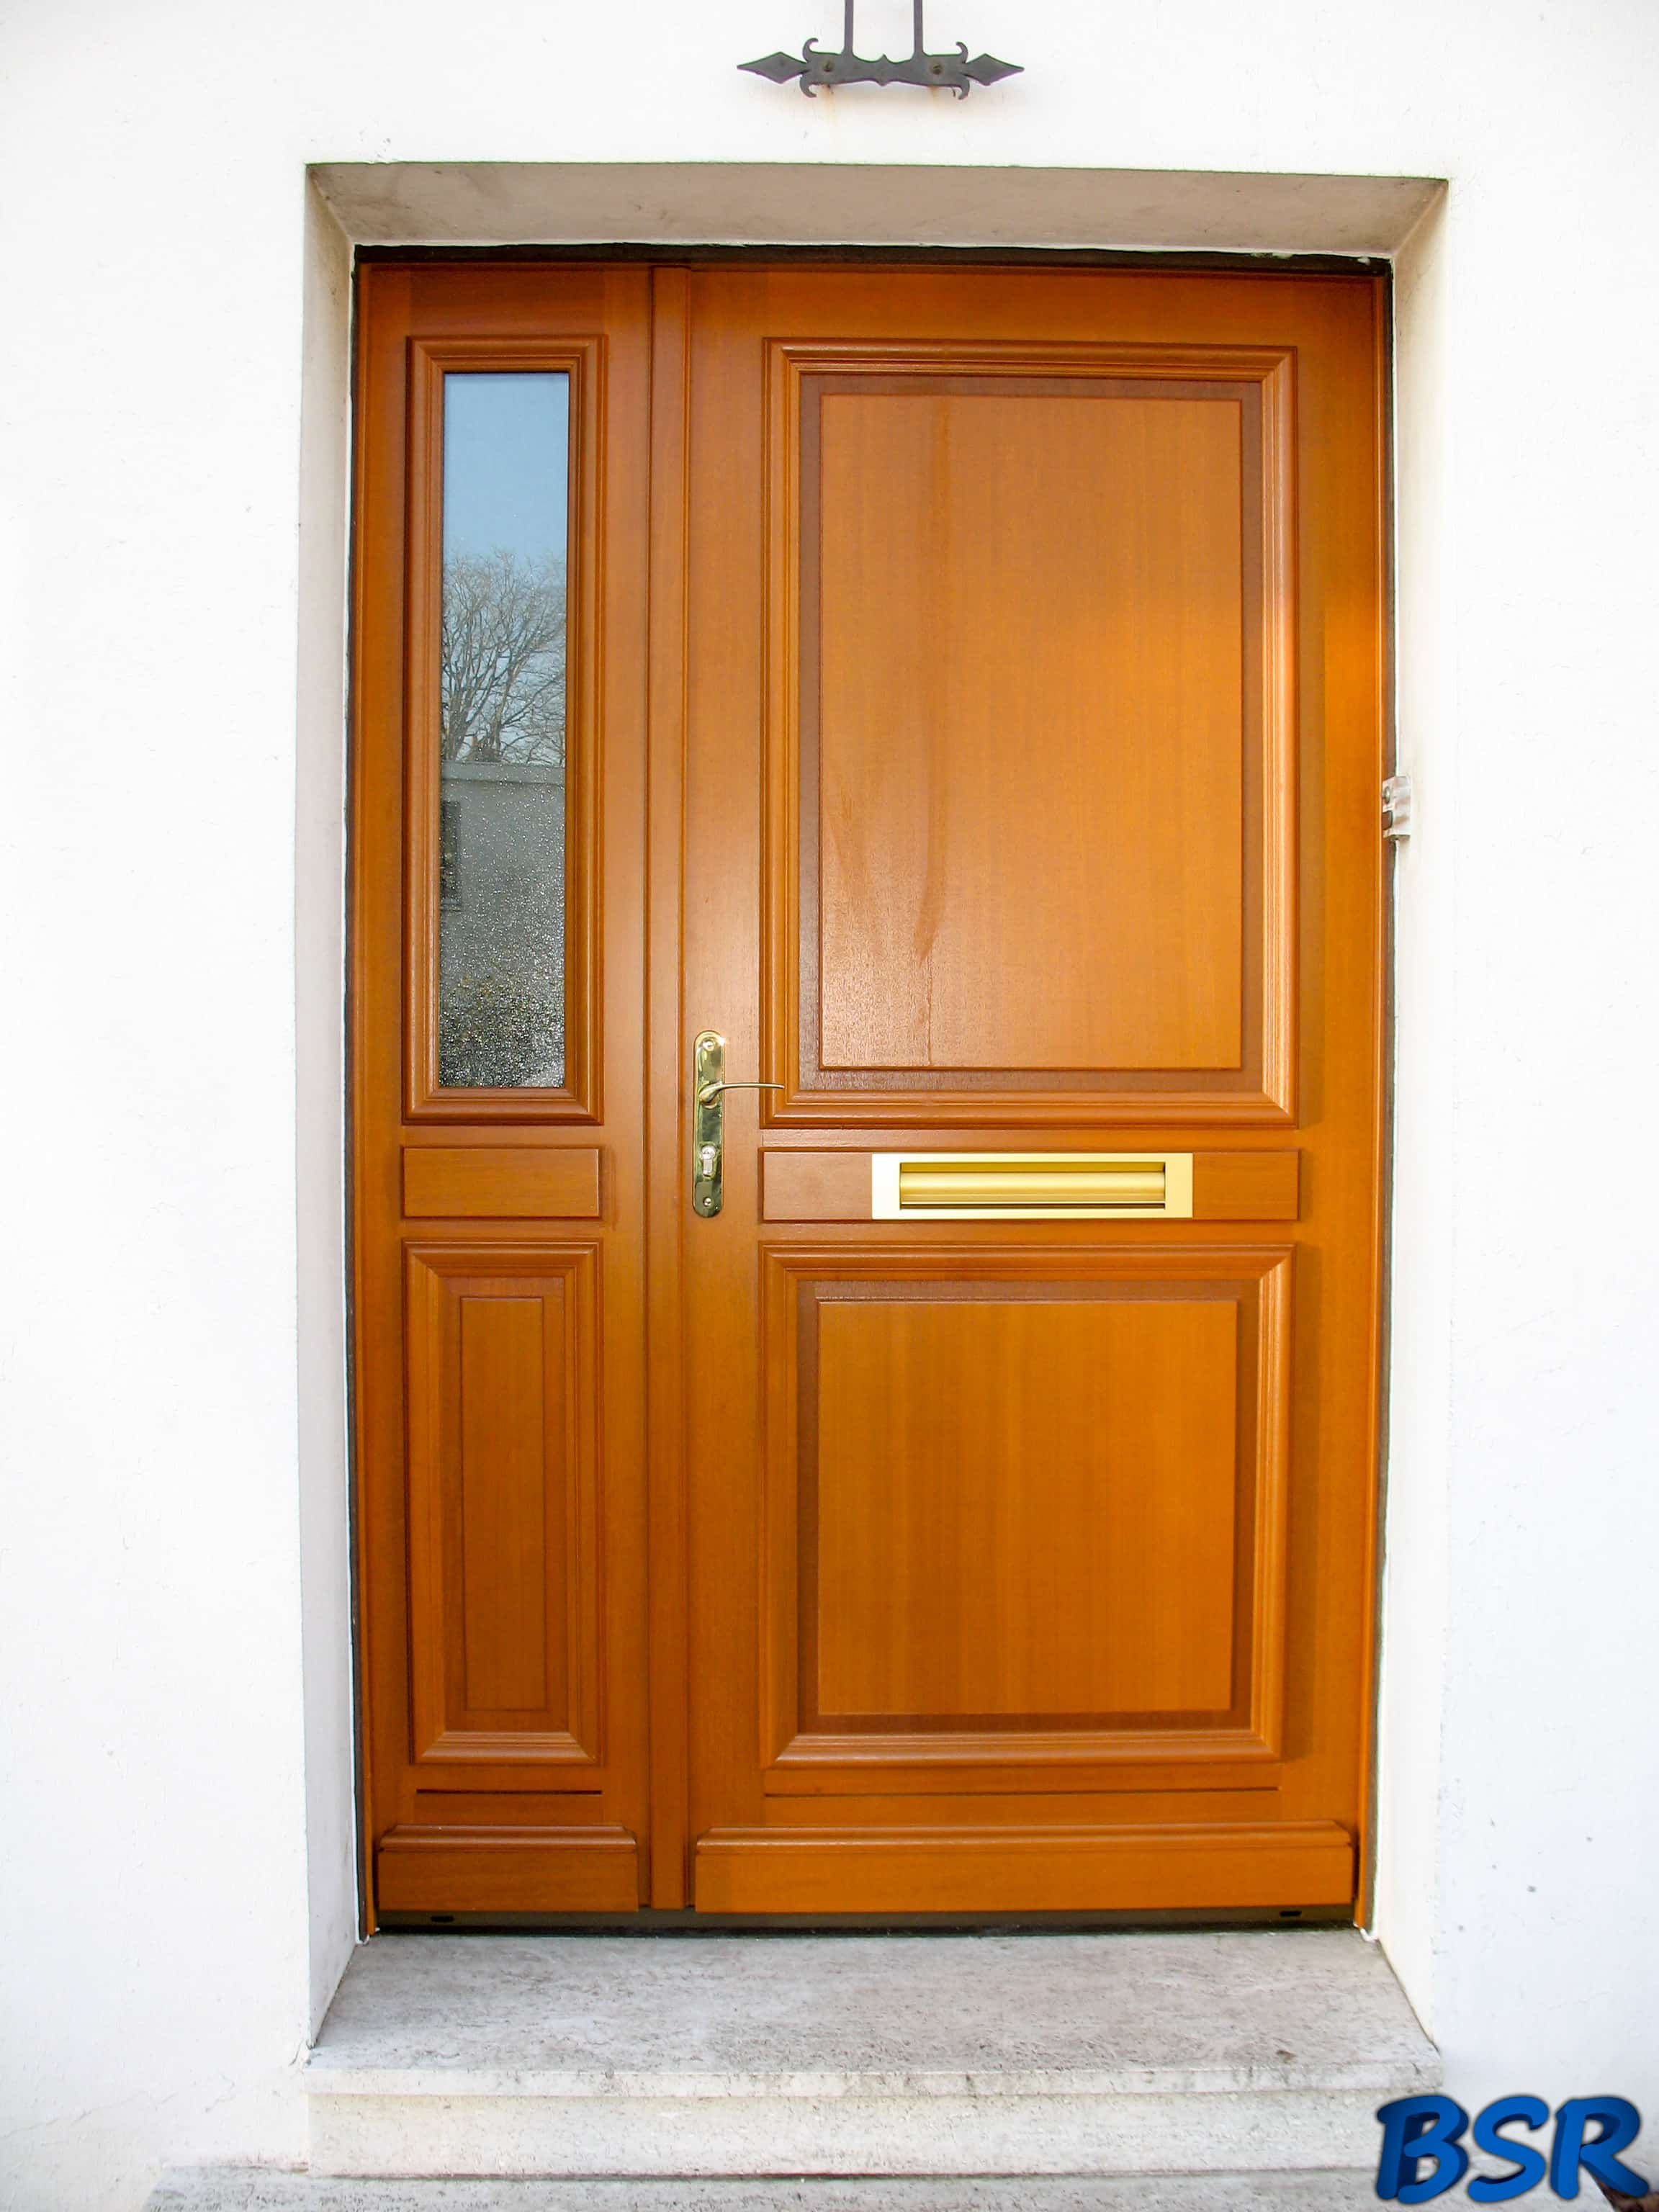 Les portes et fen tres en bois de bsr bourguignon for Porte fenetre bois